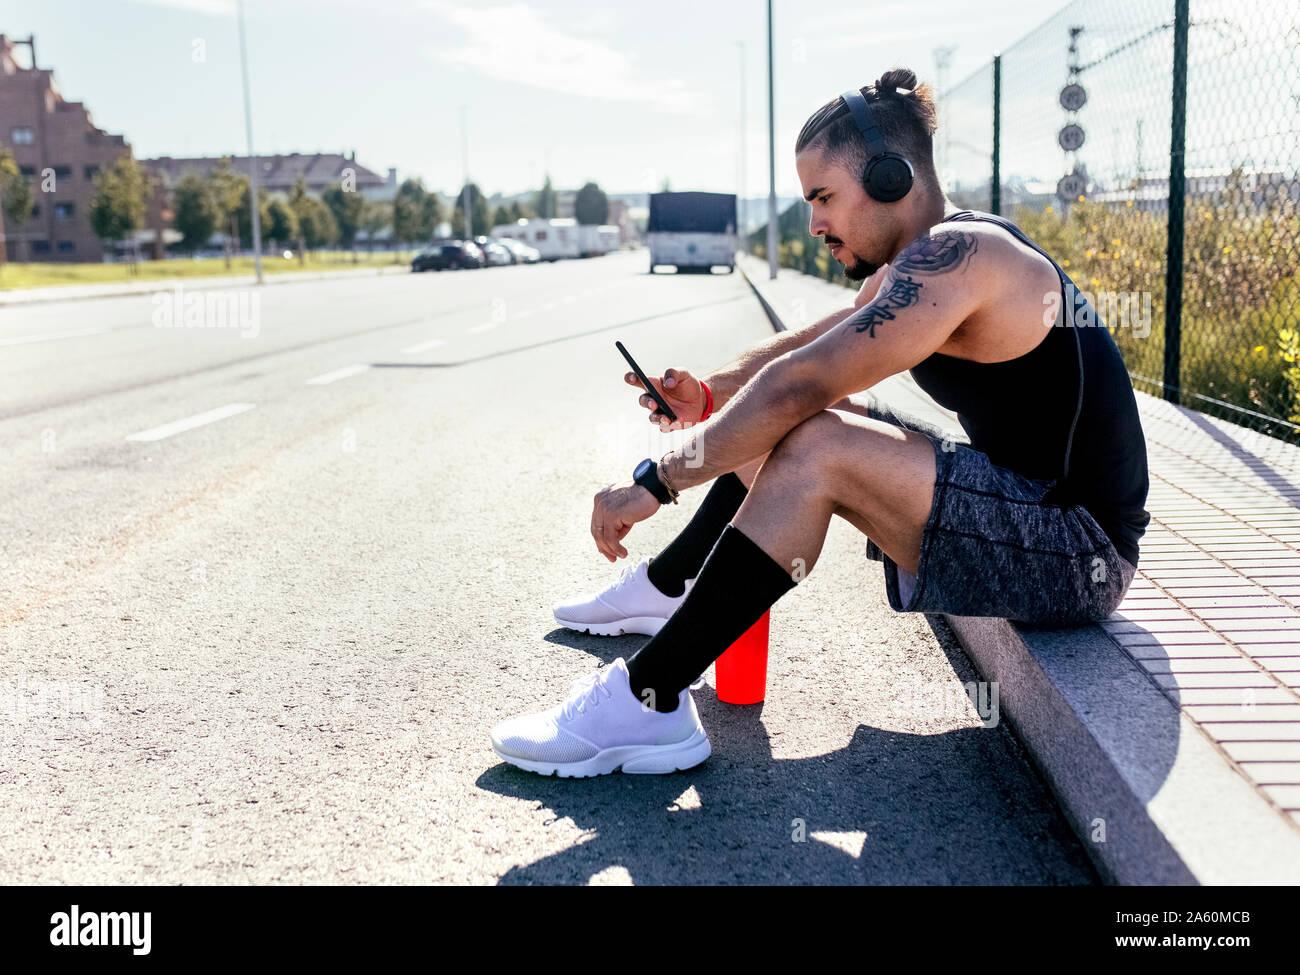 Sportlichen jungen Mann mit Smartphone und Kopfhörer am Straßenrand sitzen Stockfoto